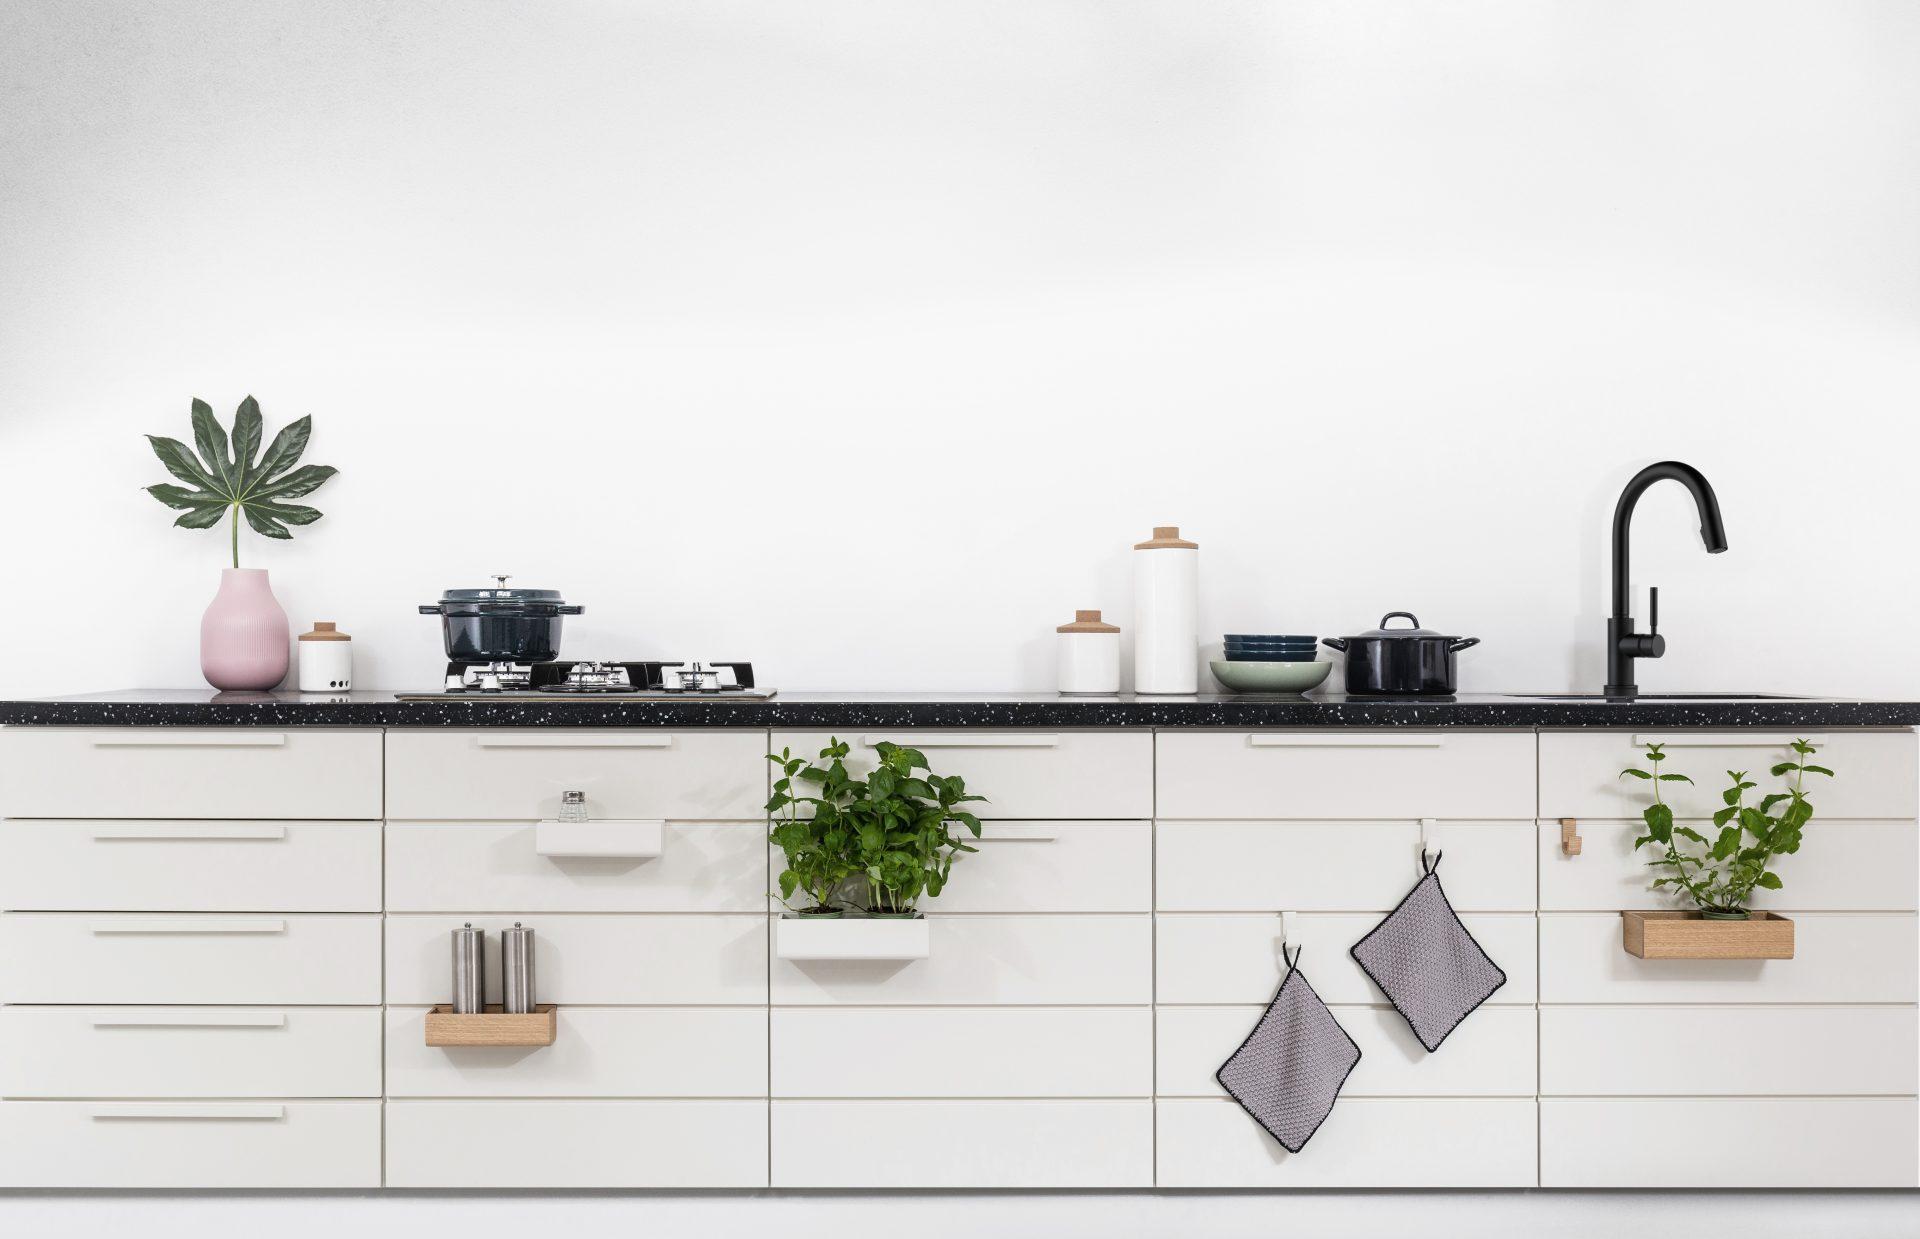 ekierki_marko_kitchen_designalive-11